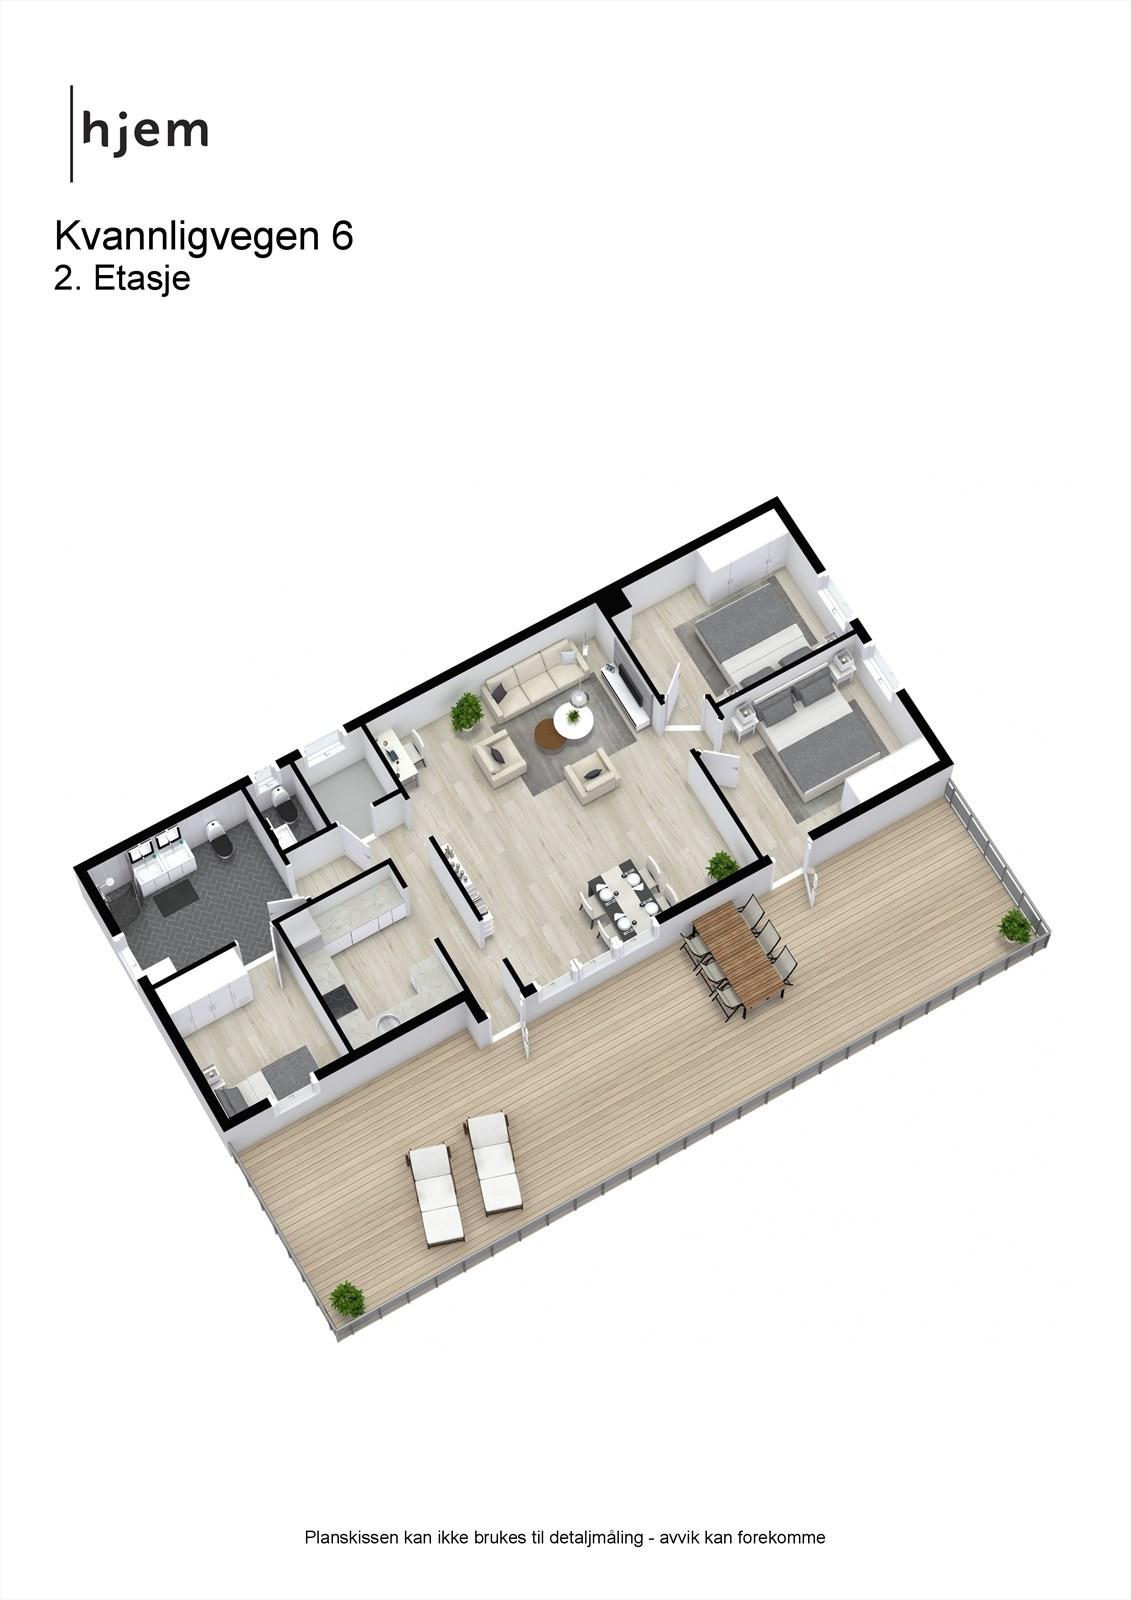 3D planillustrasjon av 2. etasje.